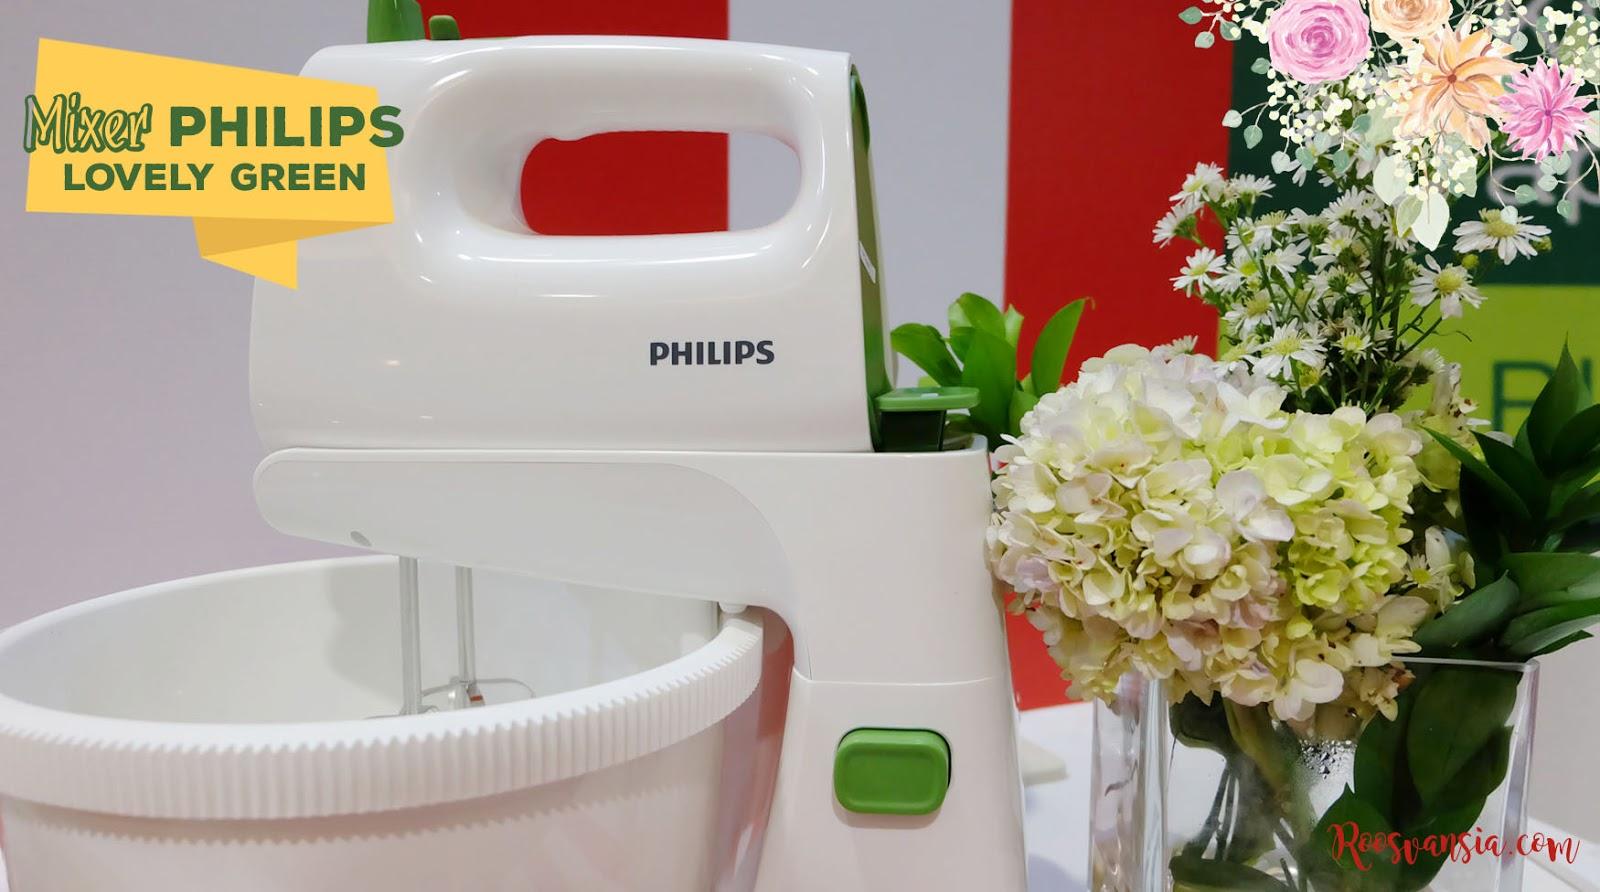 Philips Stand Mixer Com Hr 1559 40 Hijau Daftar Harga Terkini Dan Cnc Breadboard Syb 170 Mini Solderless 170p Putih Blender Untuk Keluarga Kecil Roosvansia